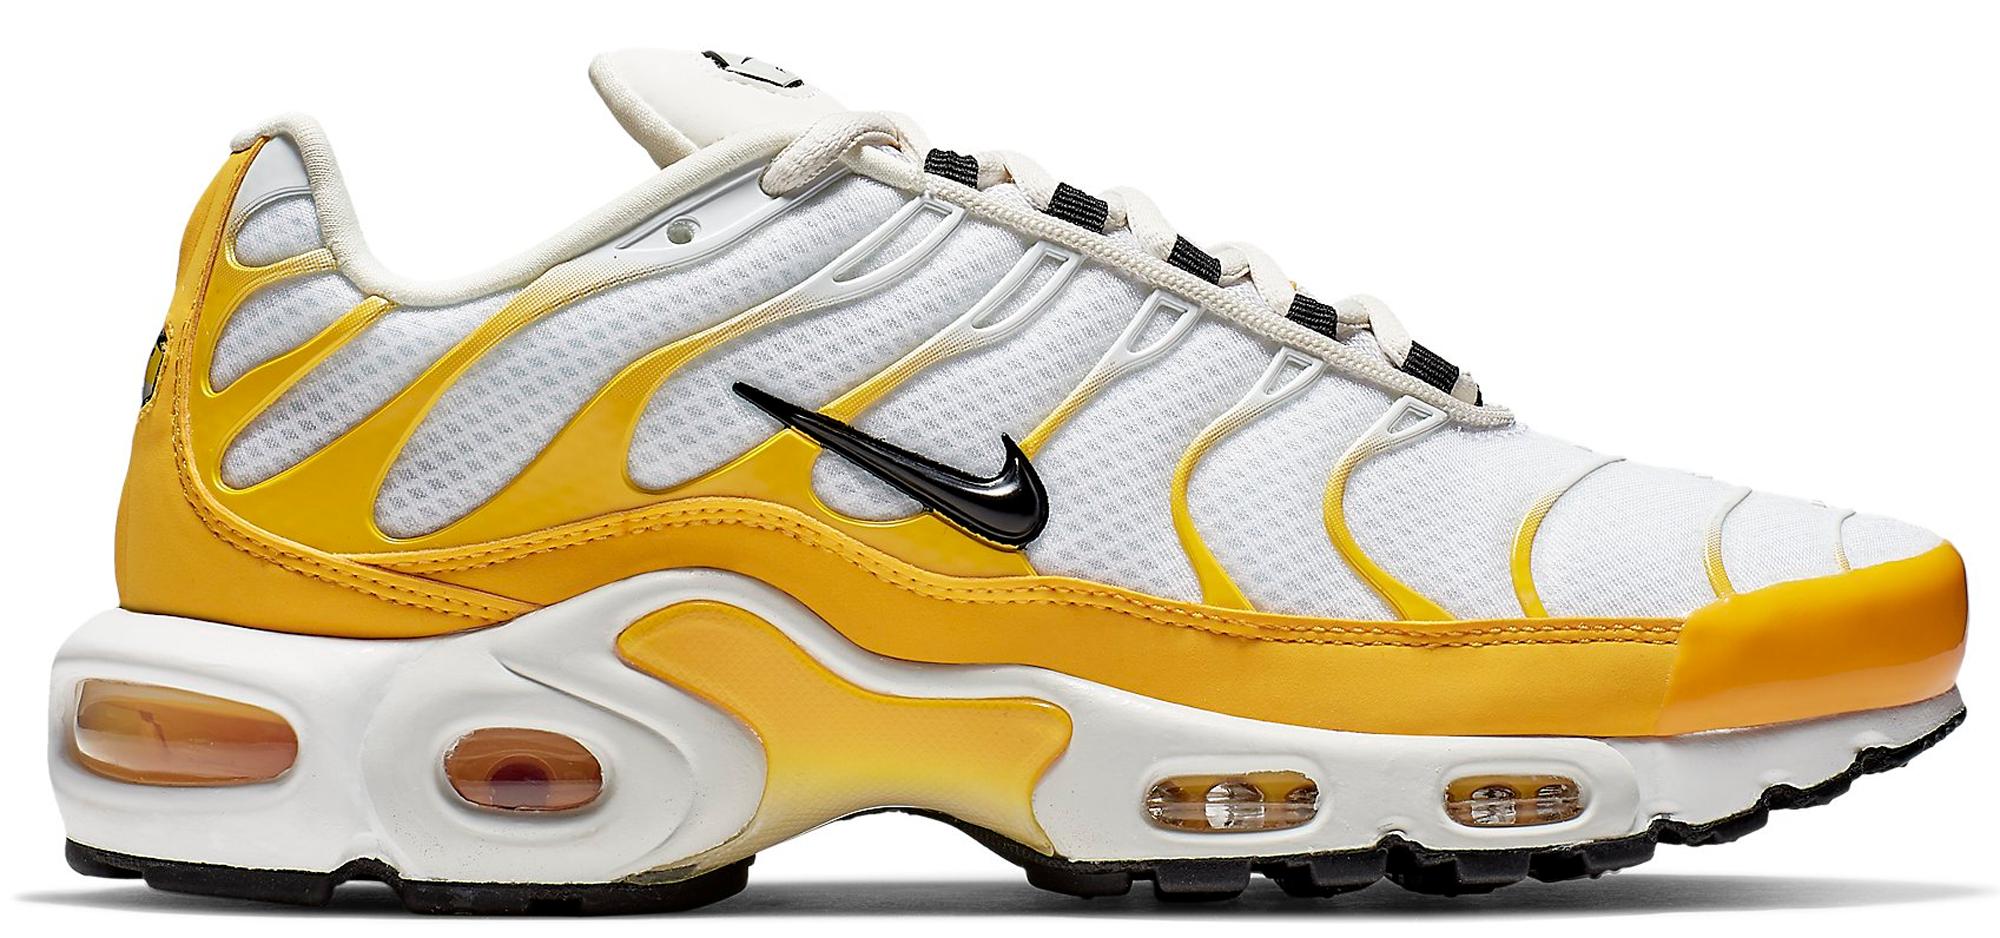 Nike Air Max Plus SE White Yellow (W